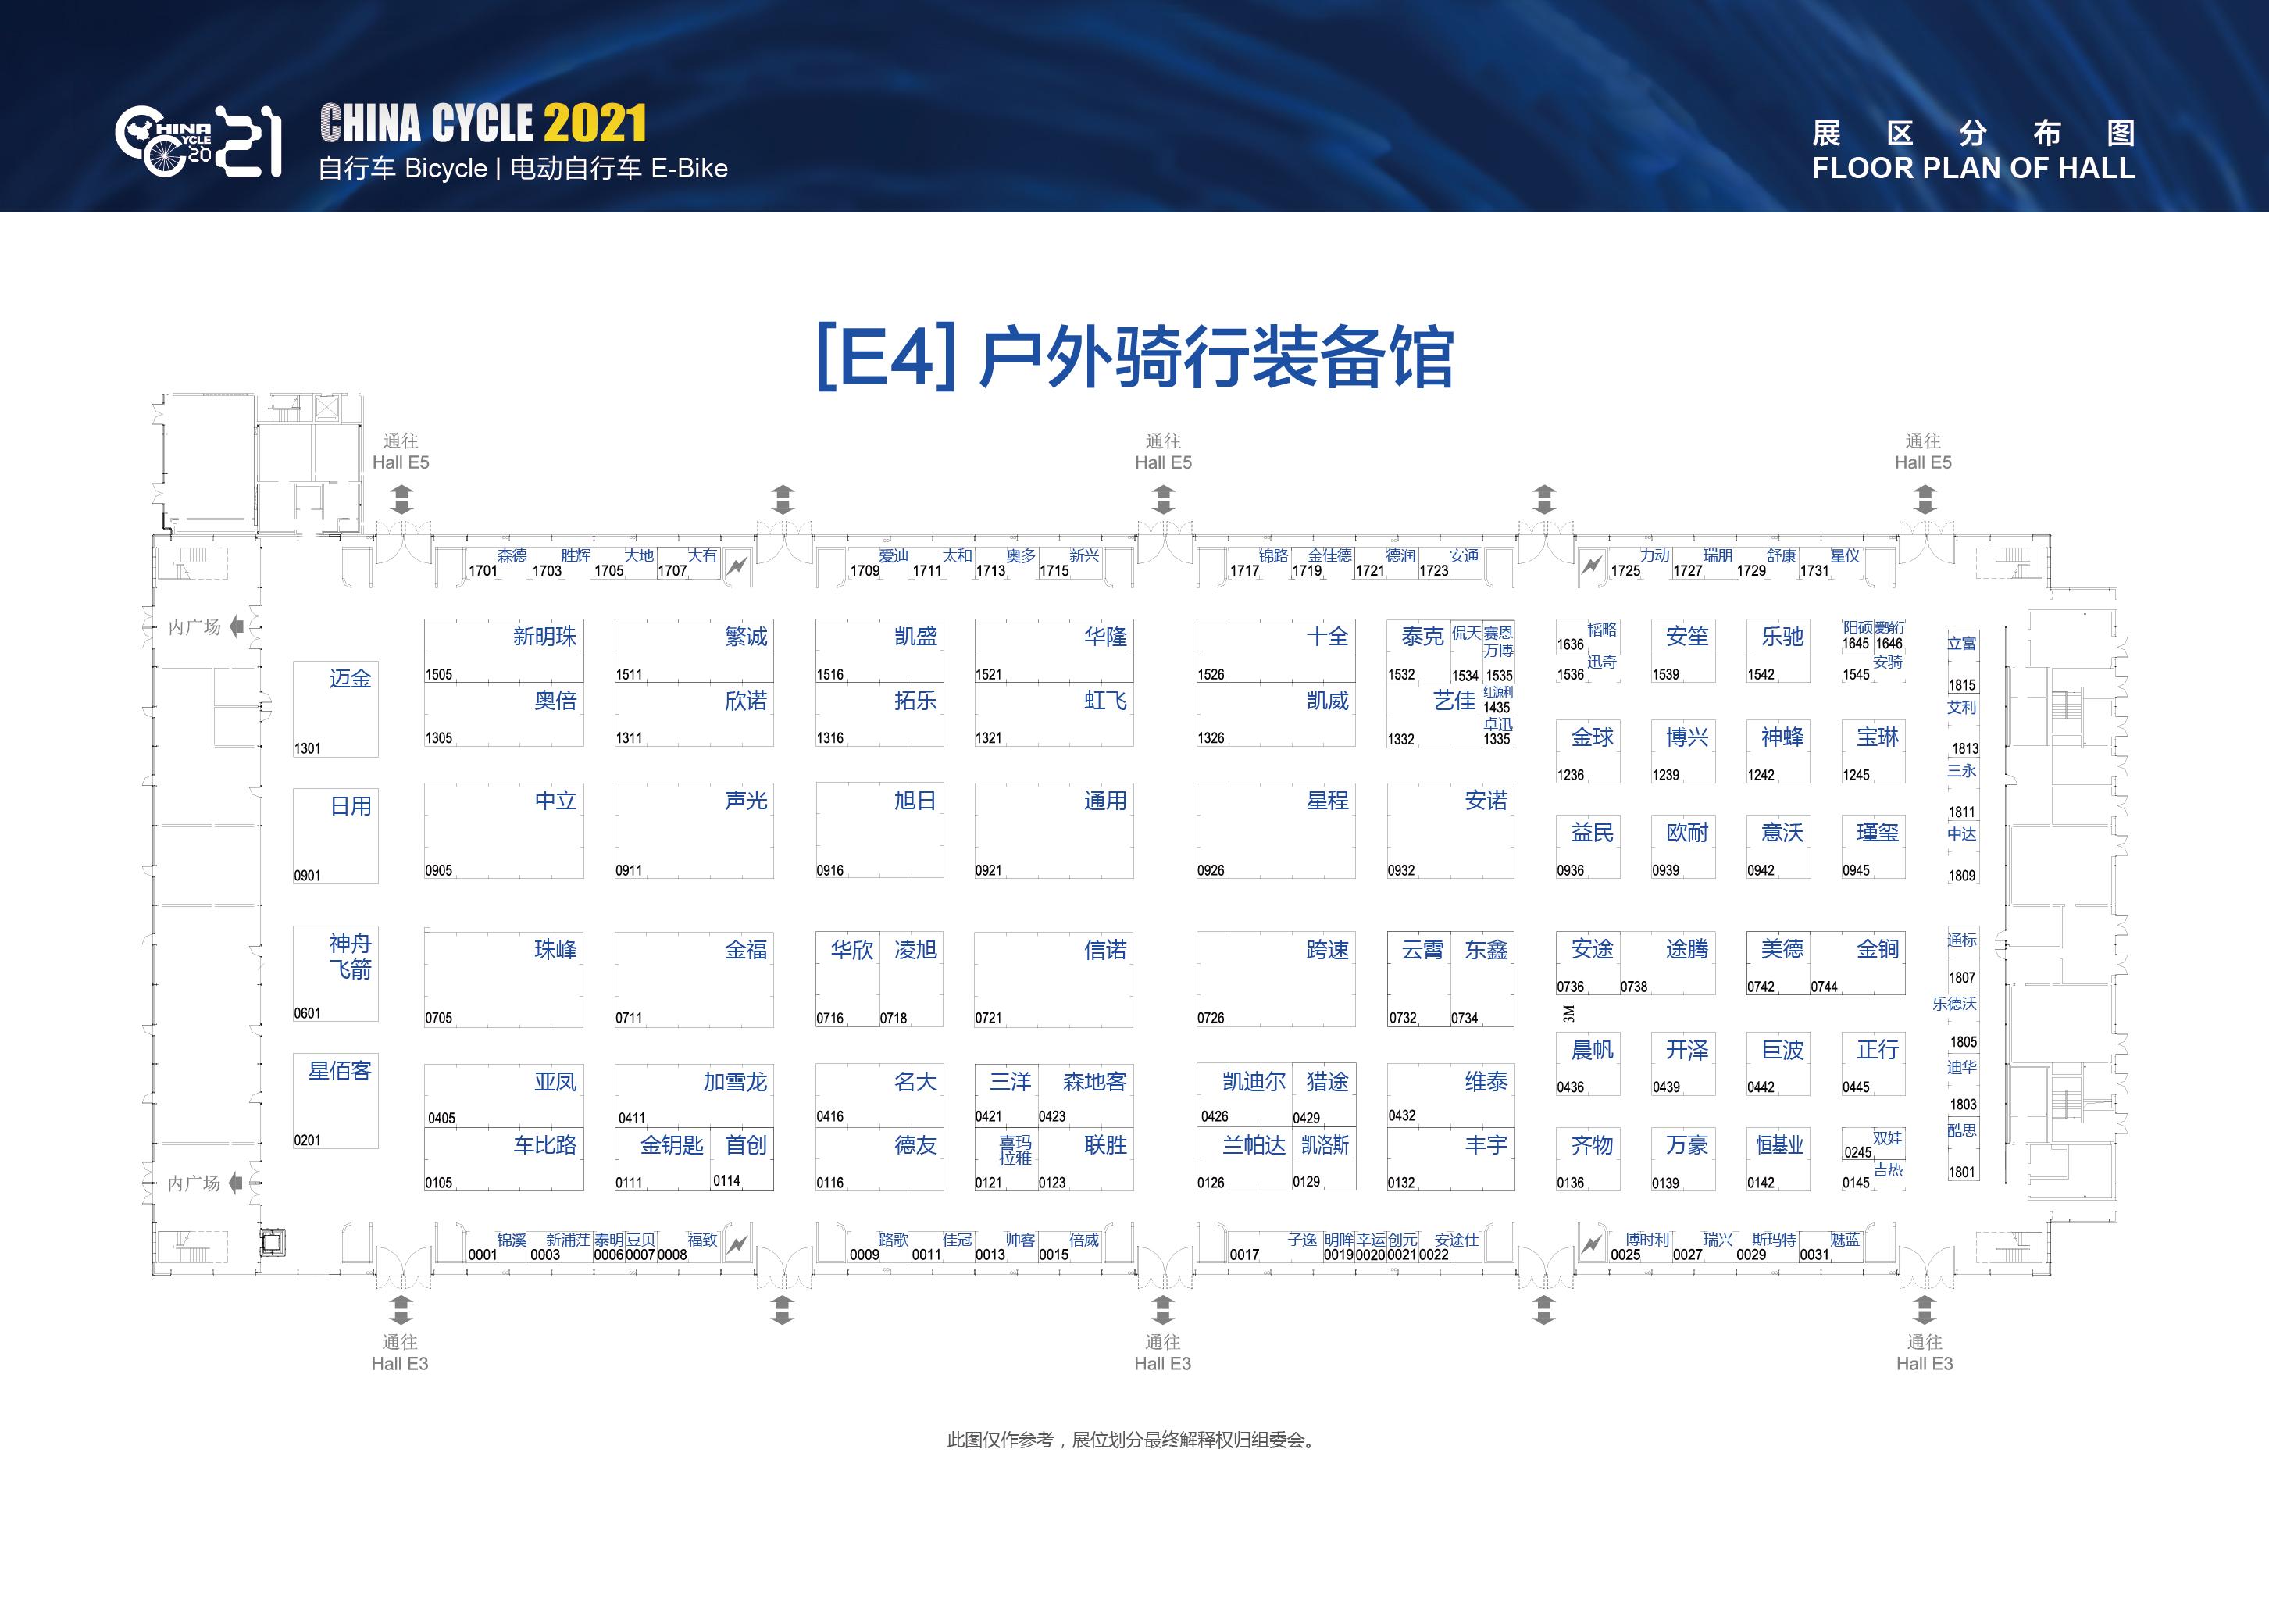 fab54eac-29a4-4c91-b6dd-370cf65e3559.jpg